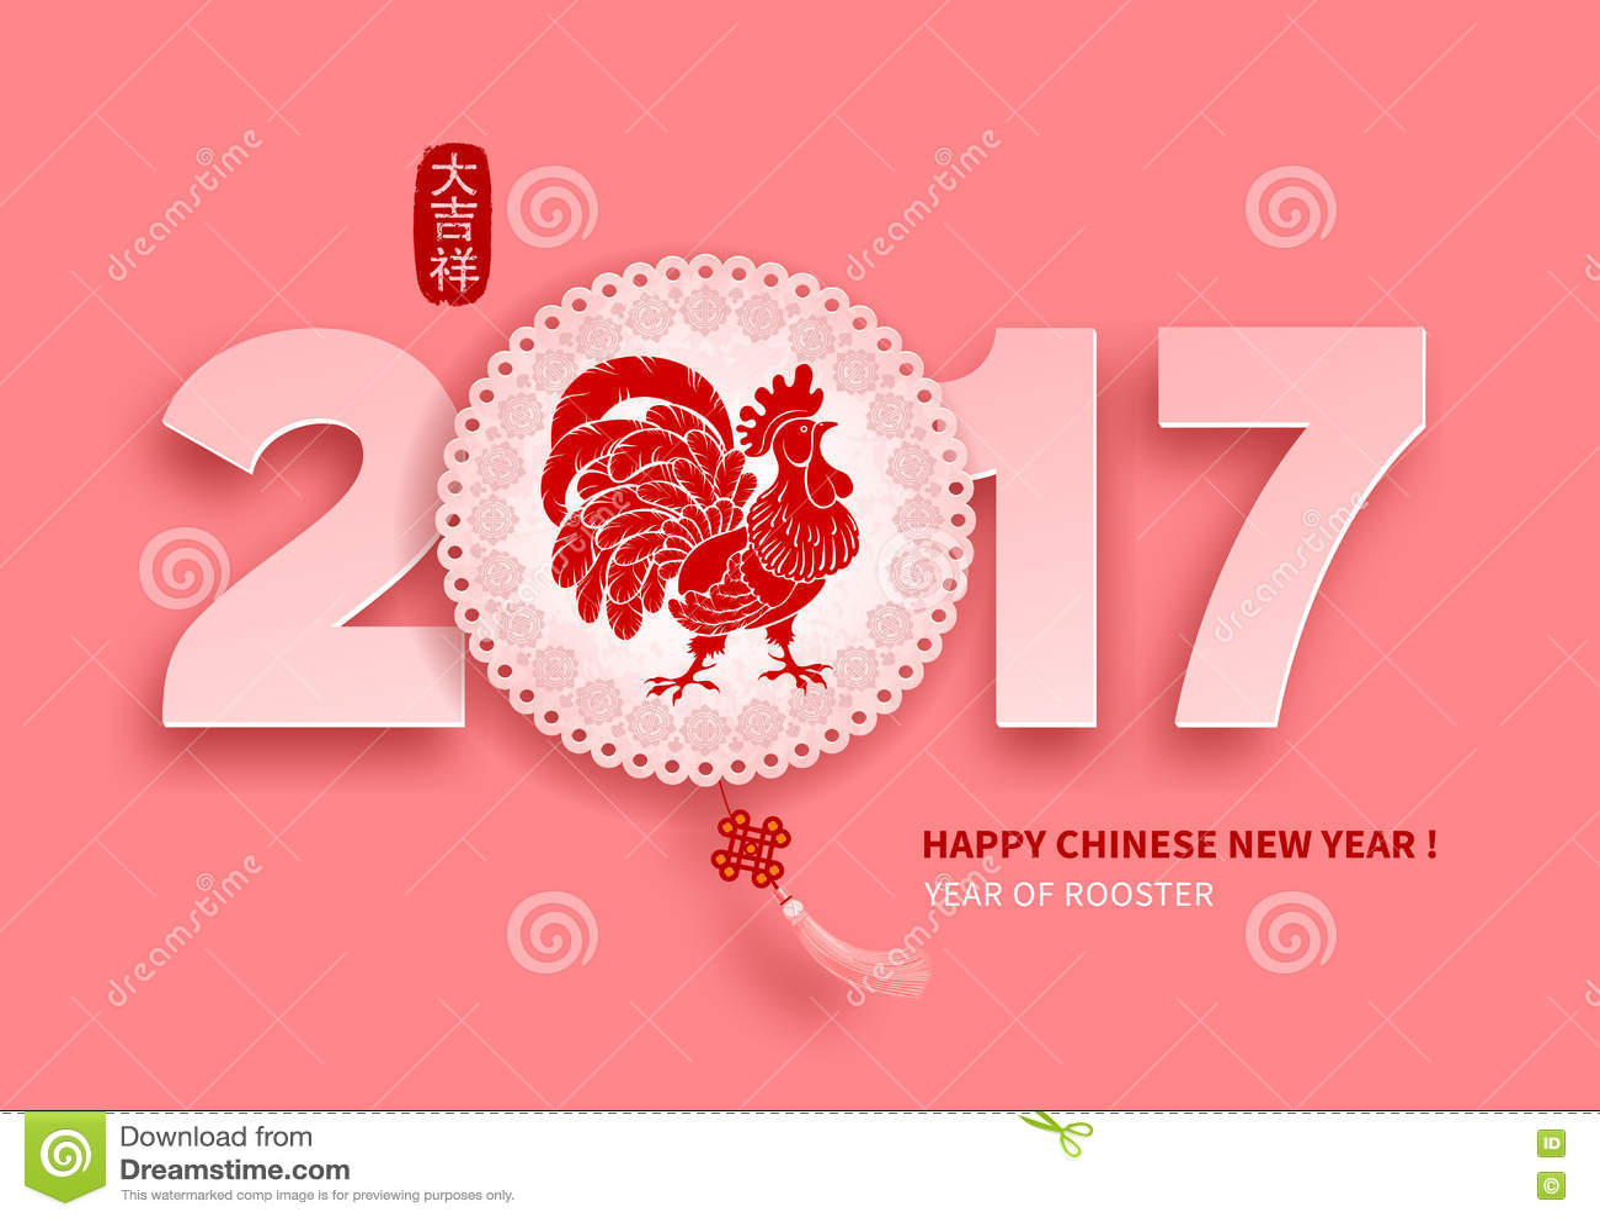 Chinesisches neues Jahr vektor abbildung. Illustration von ...